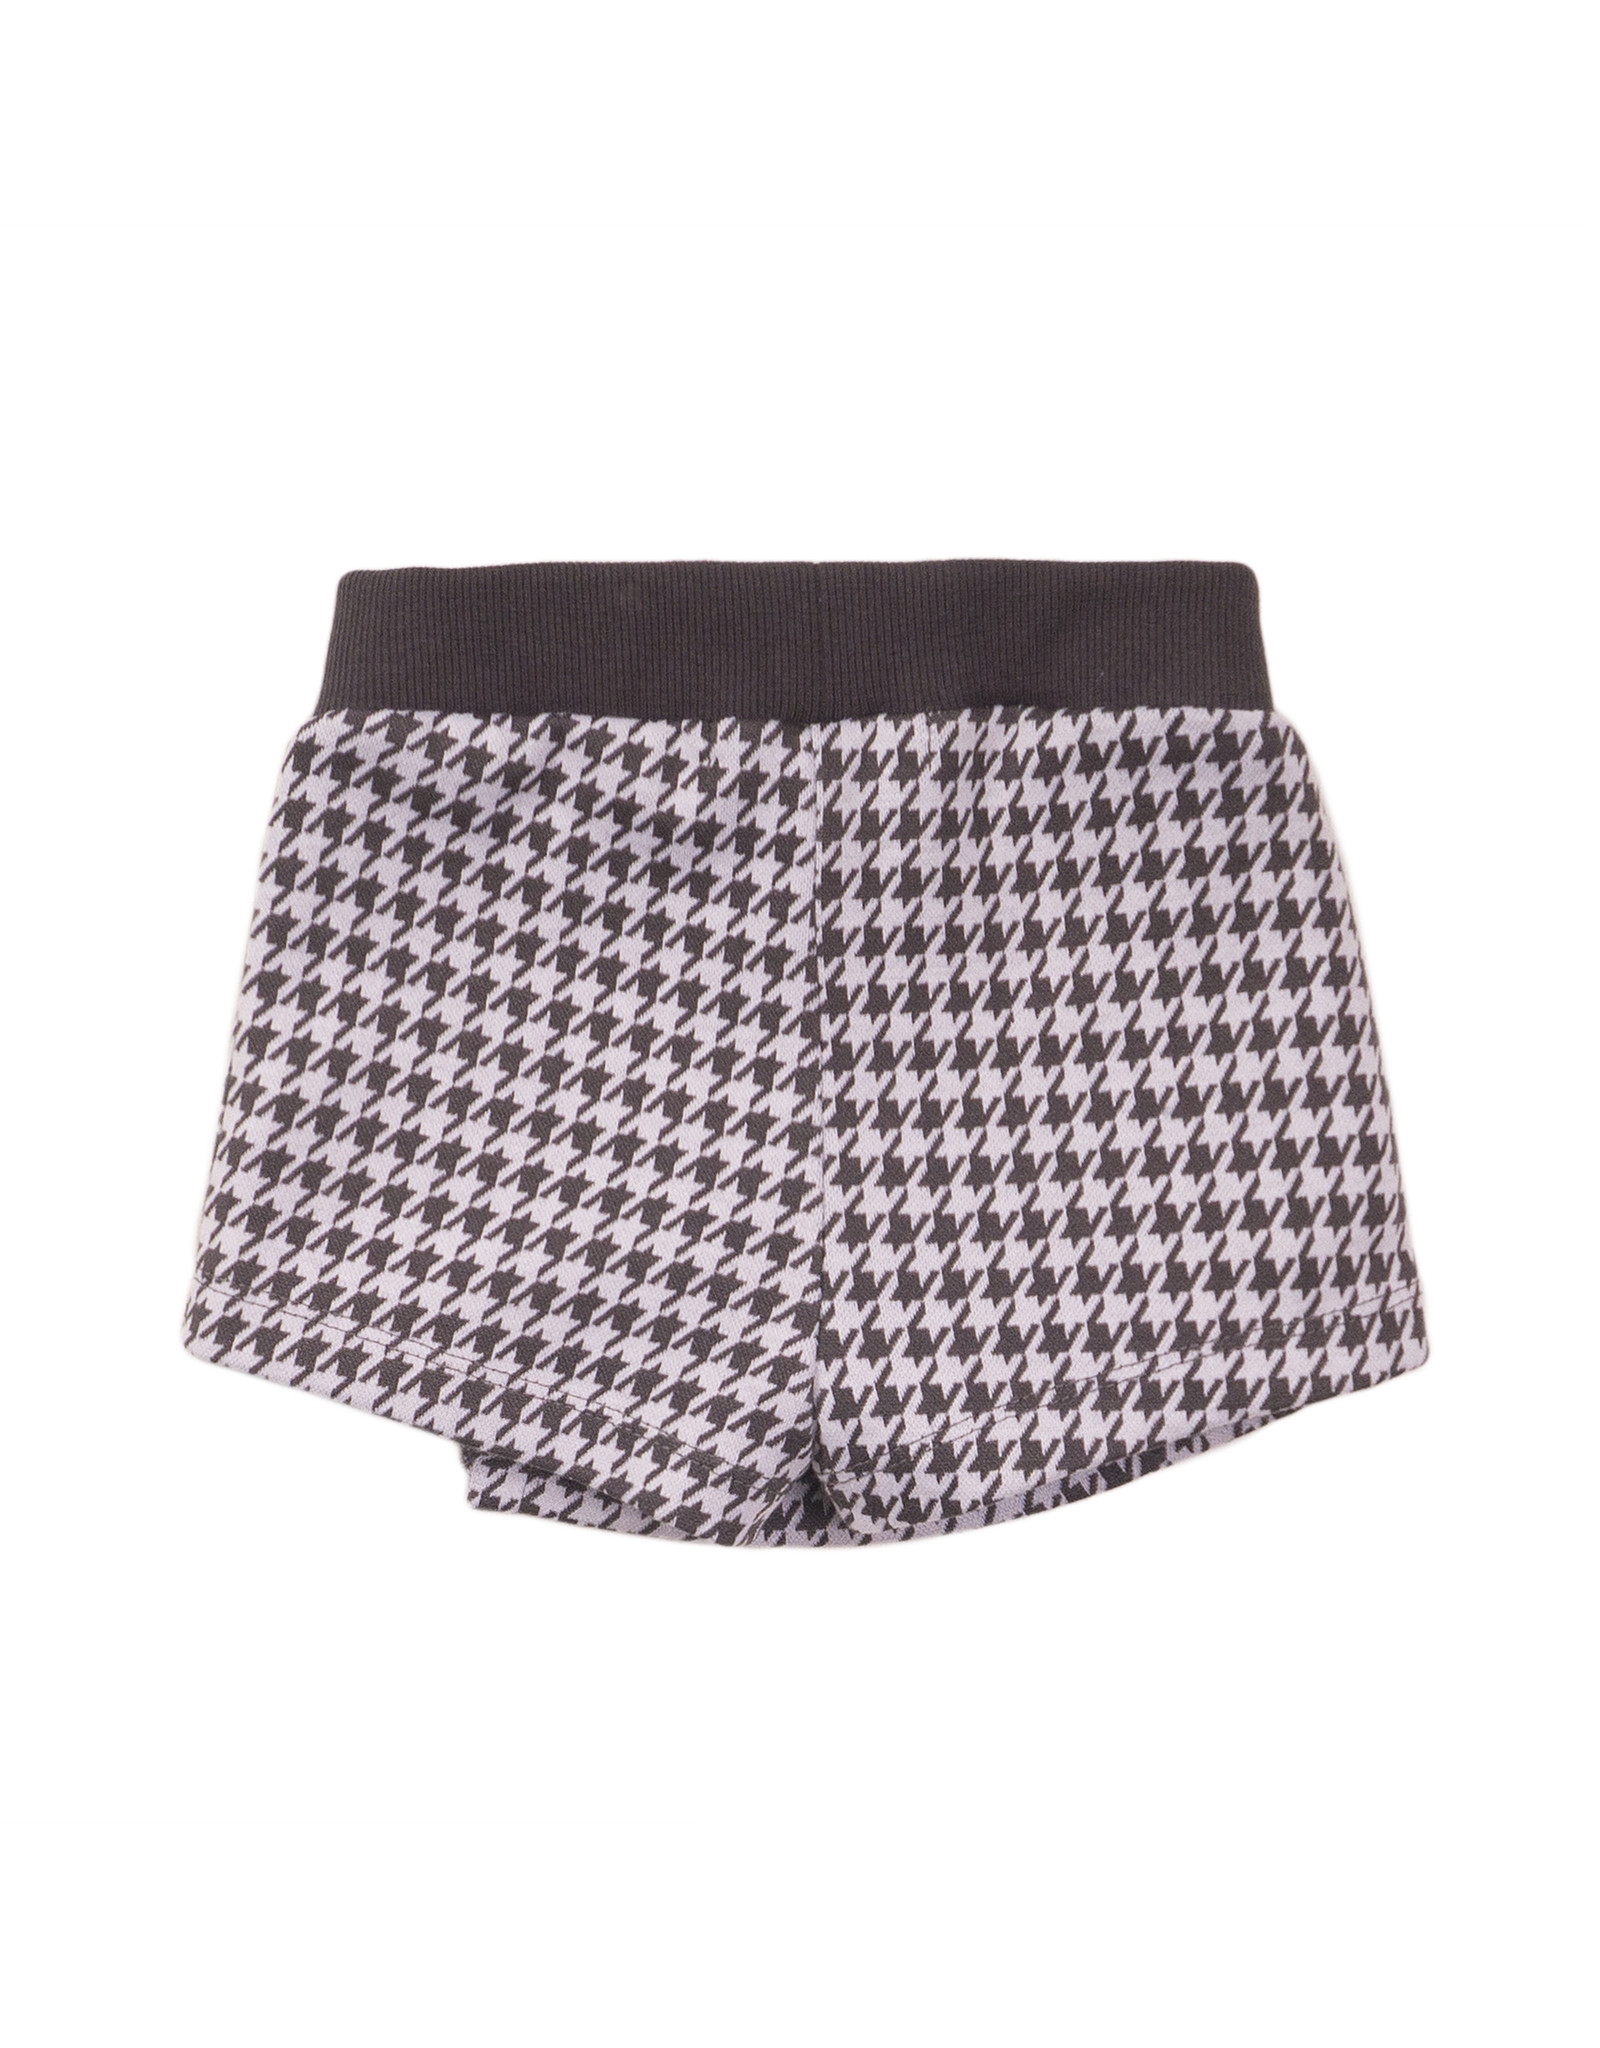 Koko Noko Girls Skirt dark grey